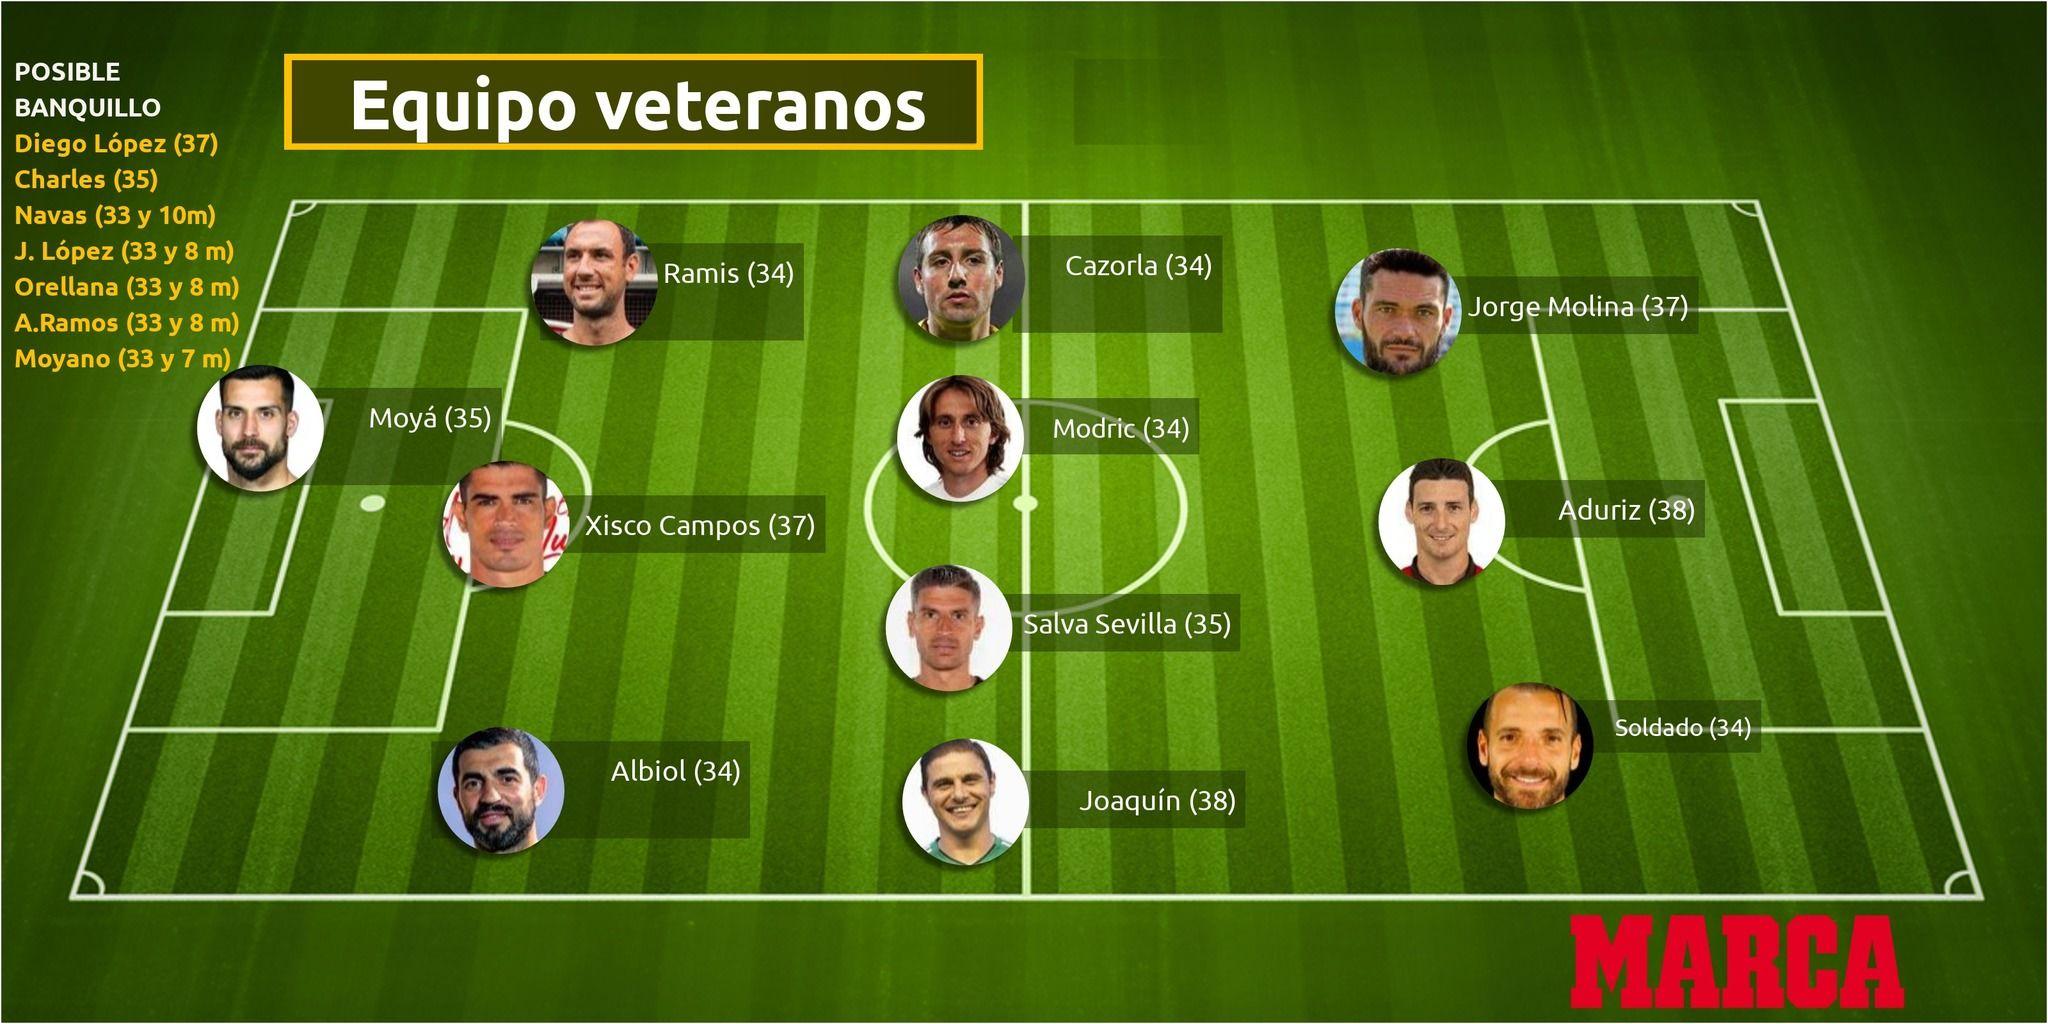 Marca включила Лунина в символическую сборную молодых игроков Ла Лиги - изображение 2